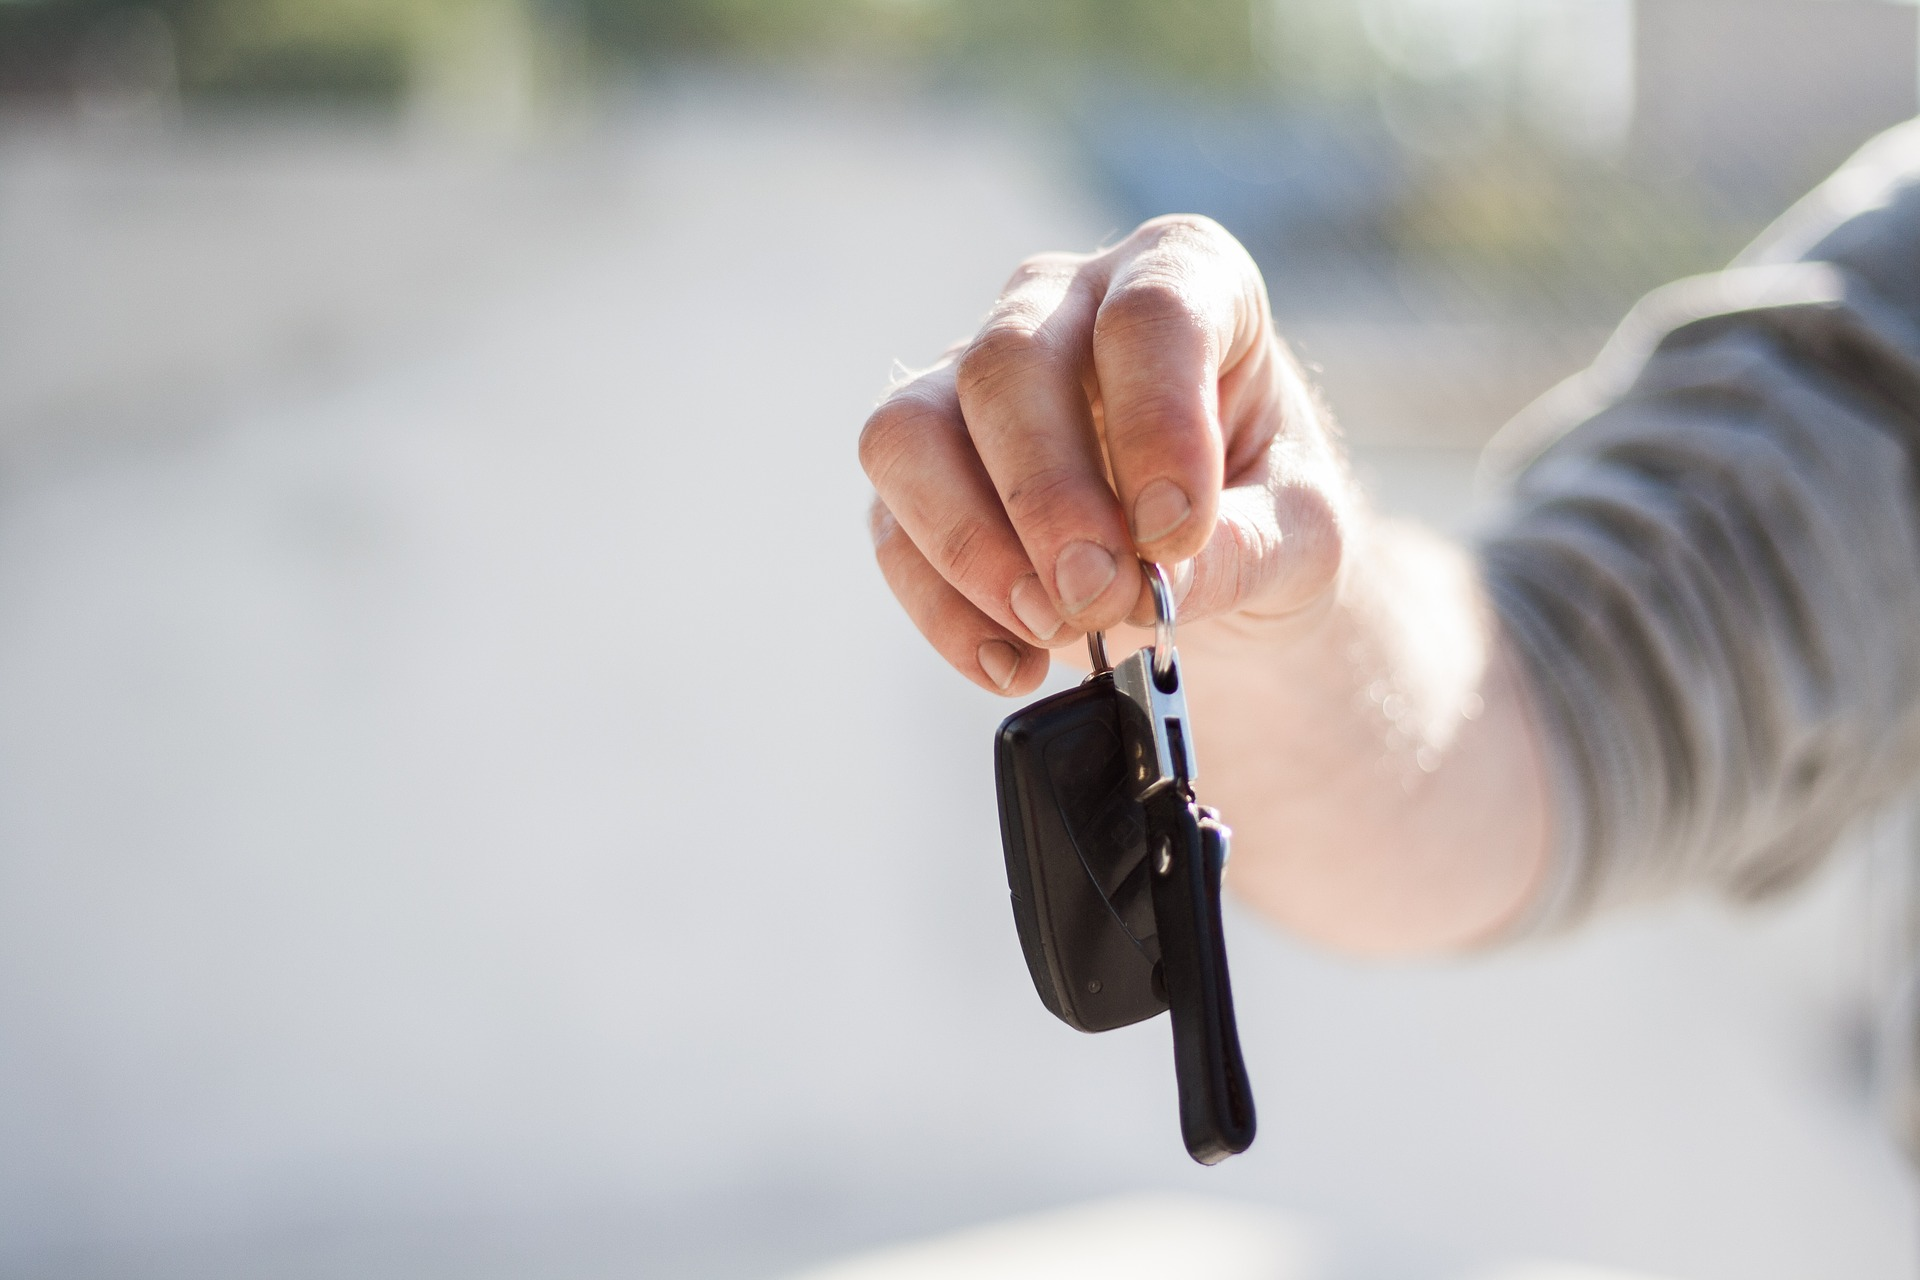 Replacement car keys